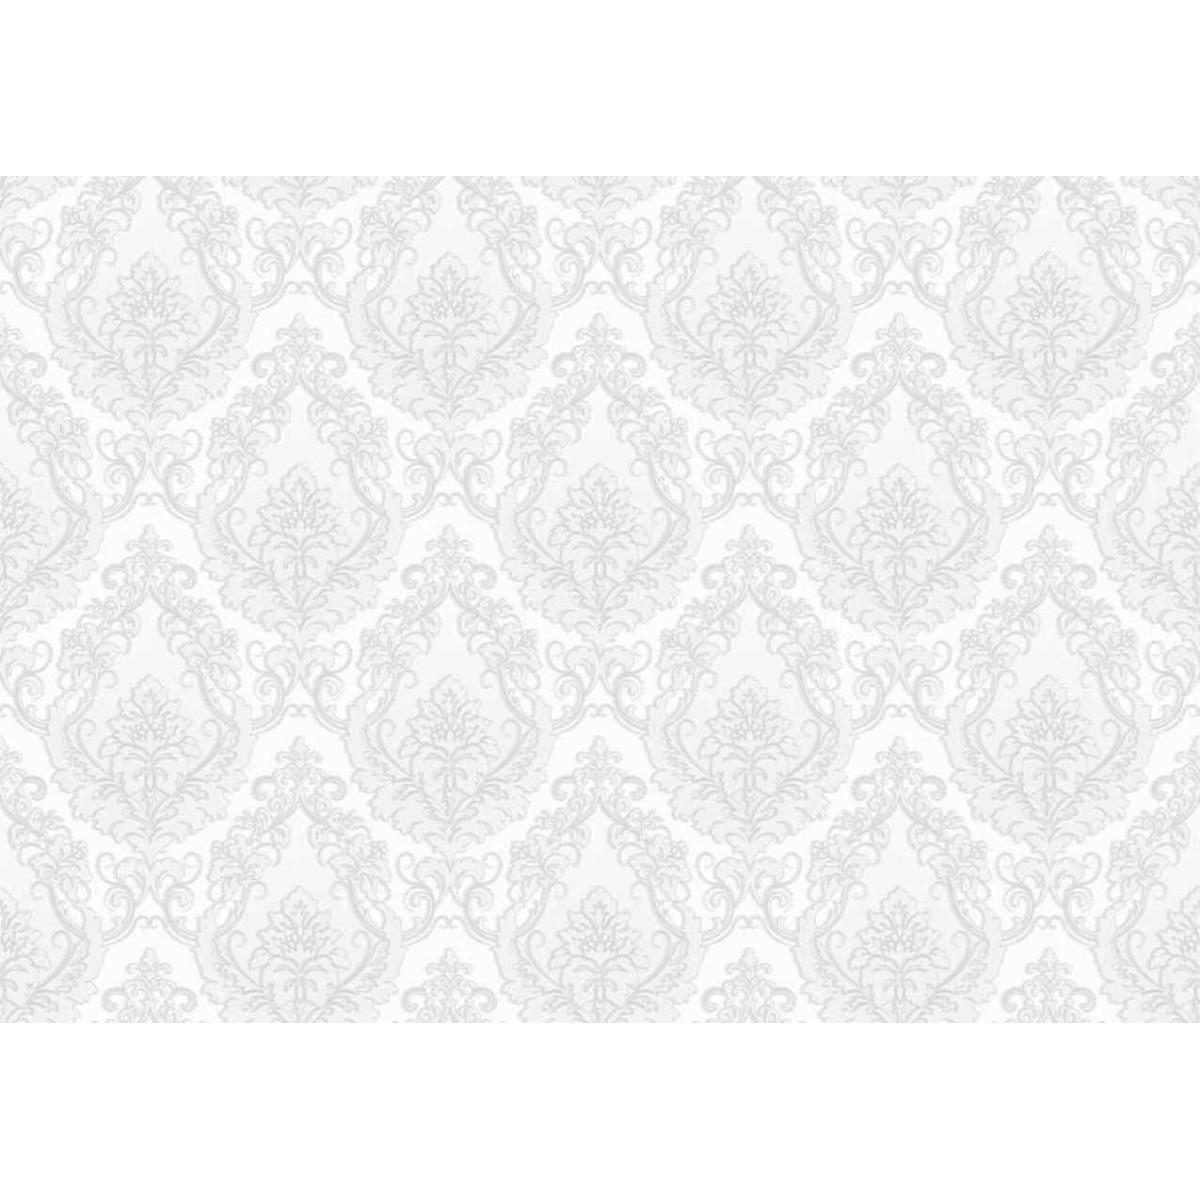 Обои флизелиновые Erismann Light белые 4559-2 1.06 м